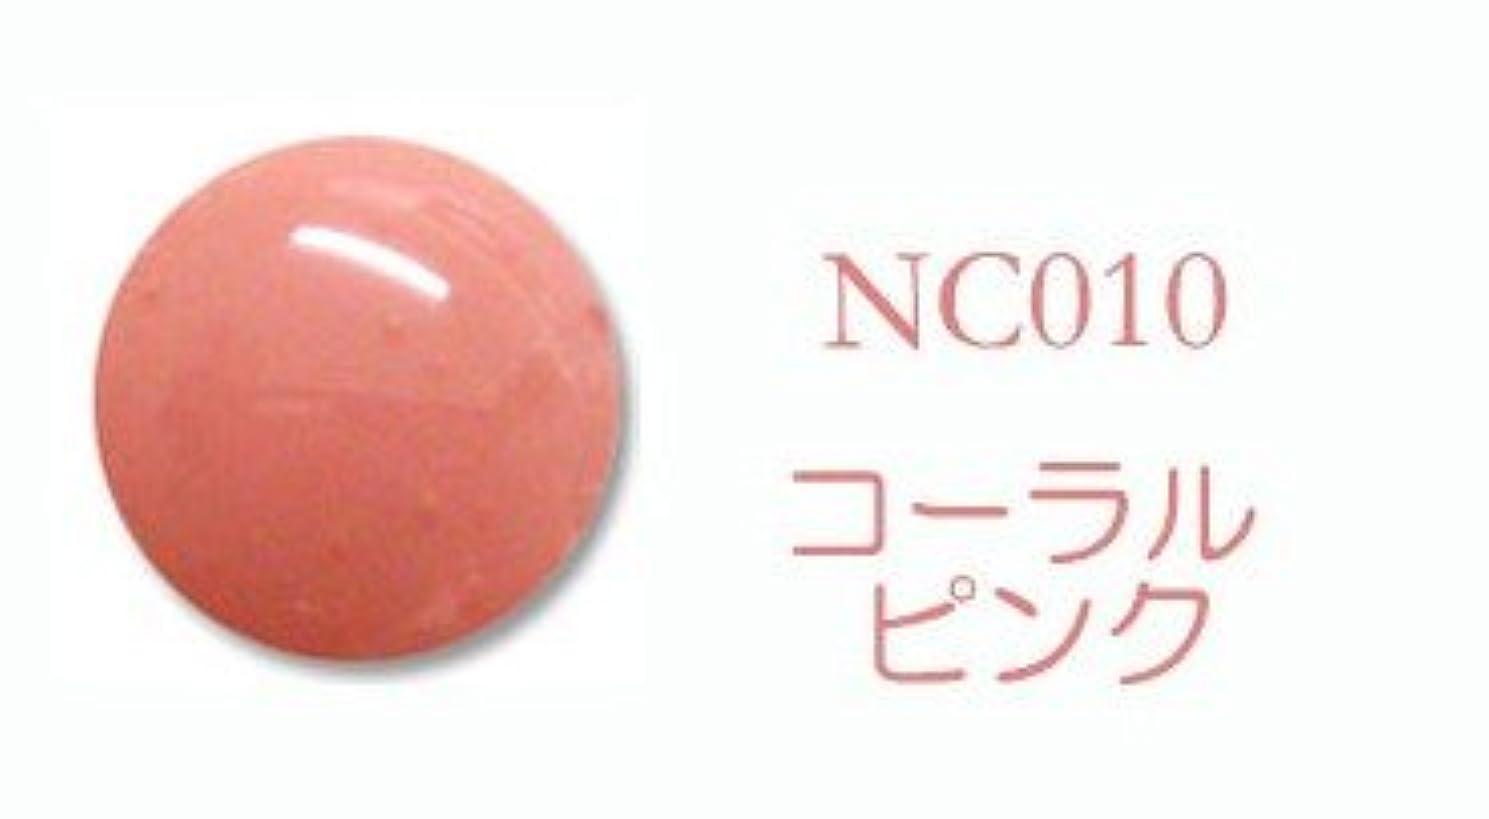 ホイストクラブ拮抗するNC010 ソークオフ カラージェル コーラルピンク 5g LED/UV両方対応